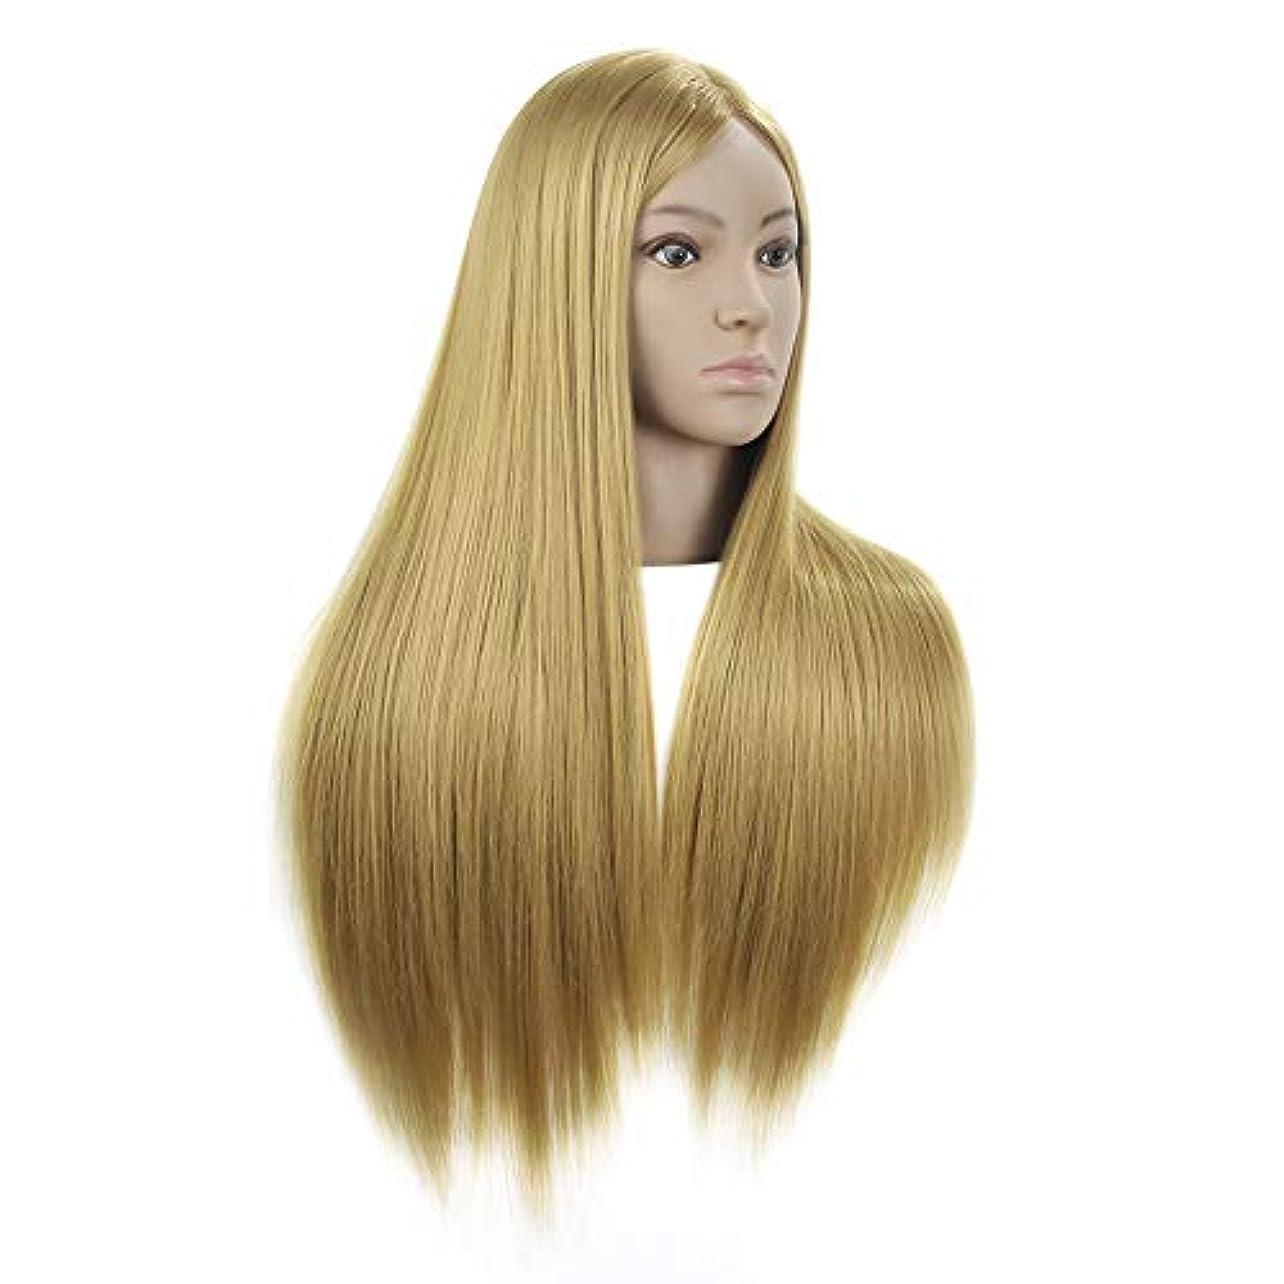 おなかがすいた質量うまくいけば女性ウィッグサロンヘア編み美容指導ヘッドスタイリングヘアカットダミーヘッドメイク学習マネキンヘッド